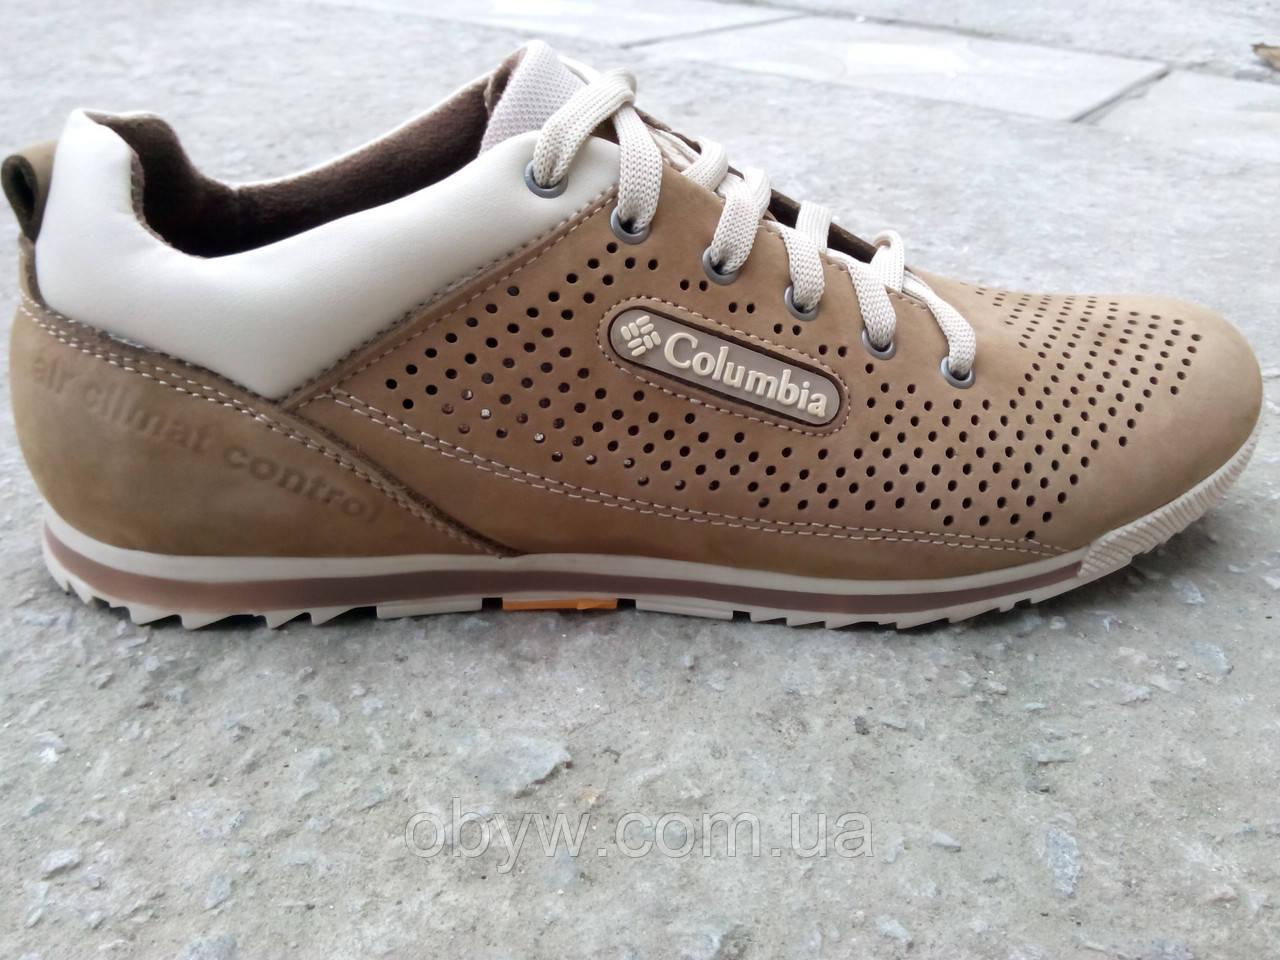 Обувь calambia н 5 для мужчин